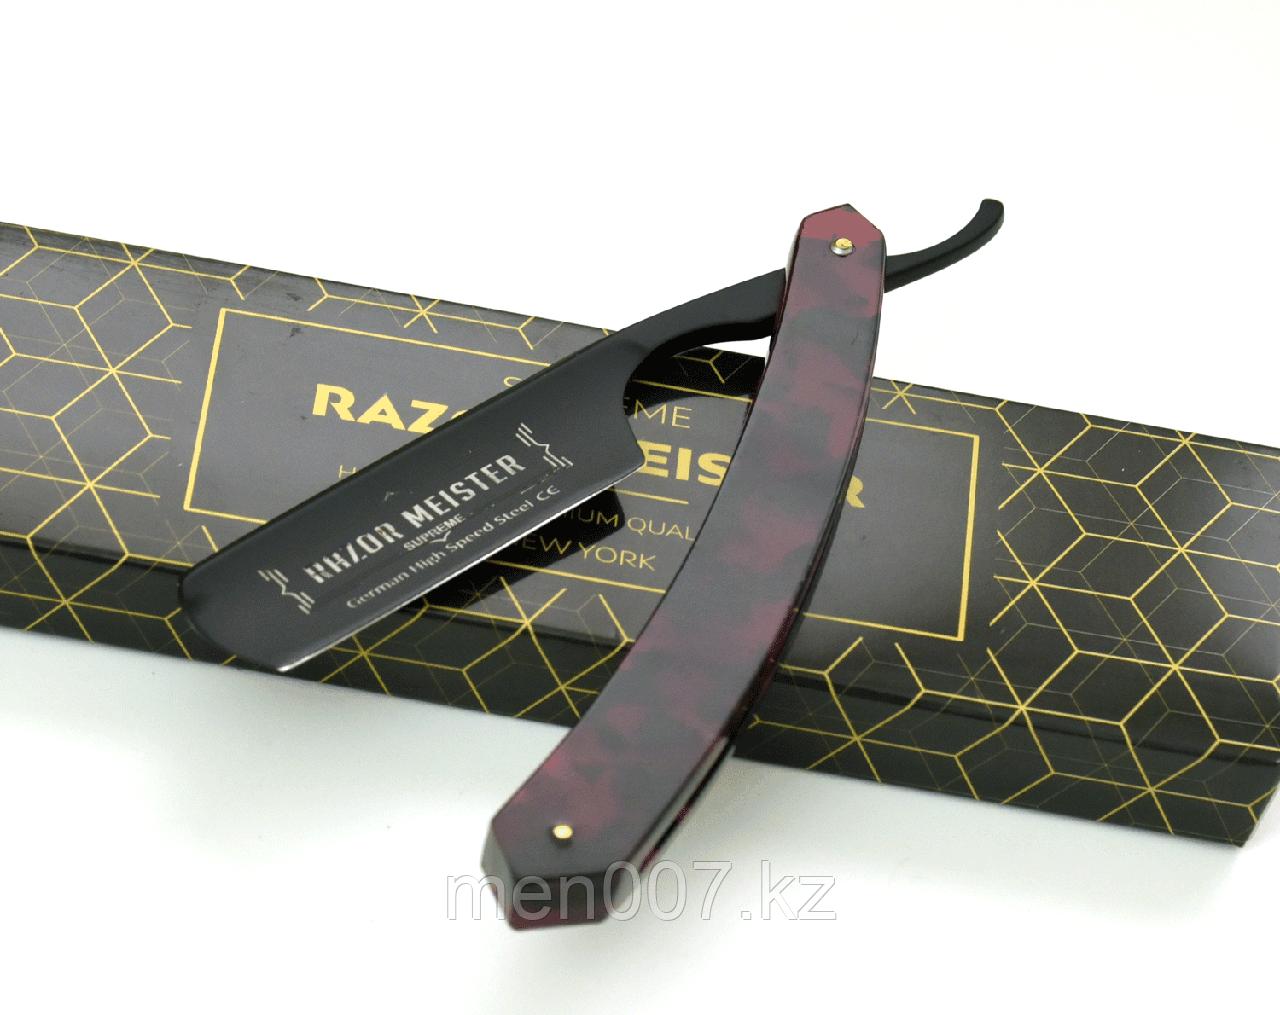 Опасная бритва (затачиваемая) из немецкой стали Razor Maister с чехлом